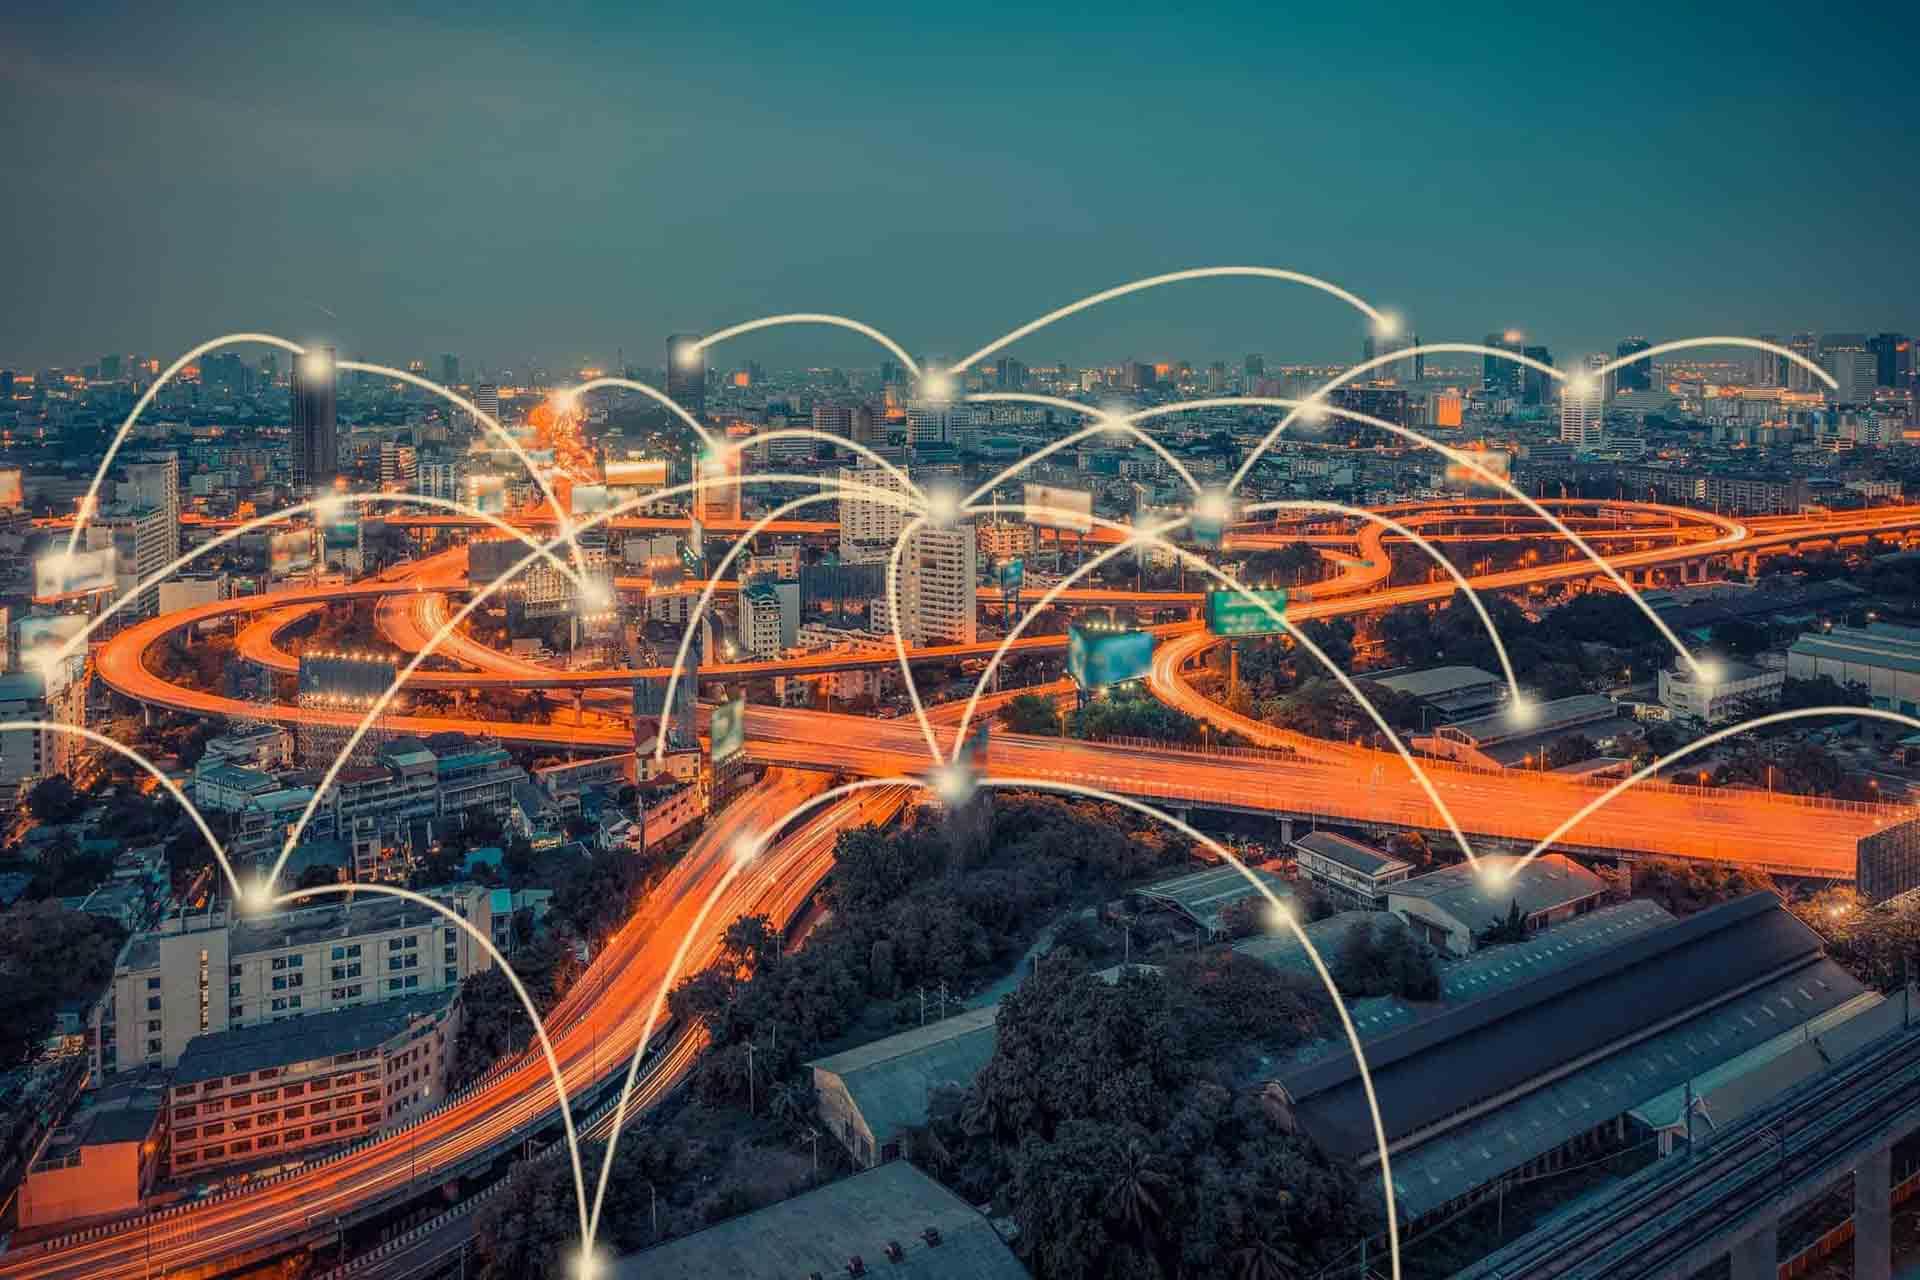 Вебинар: Внутренние коммуникации, как основа для удаленных бизнес команд